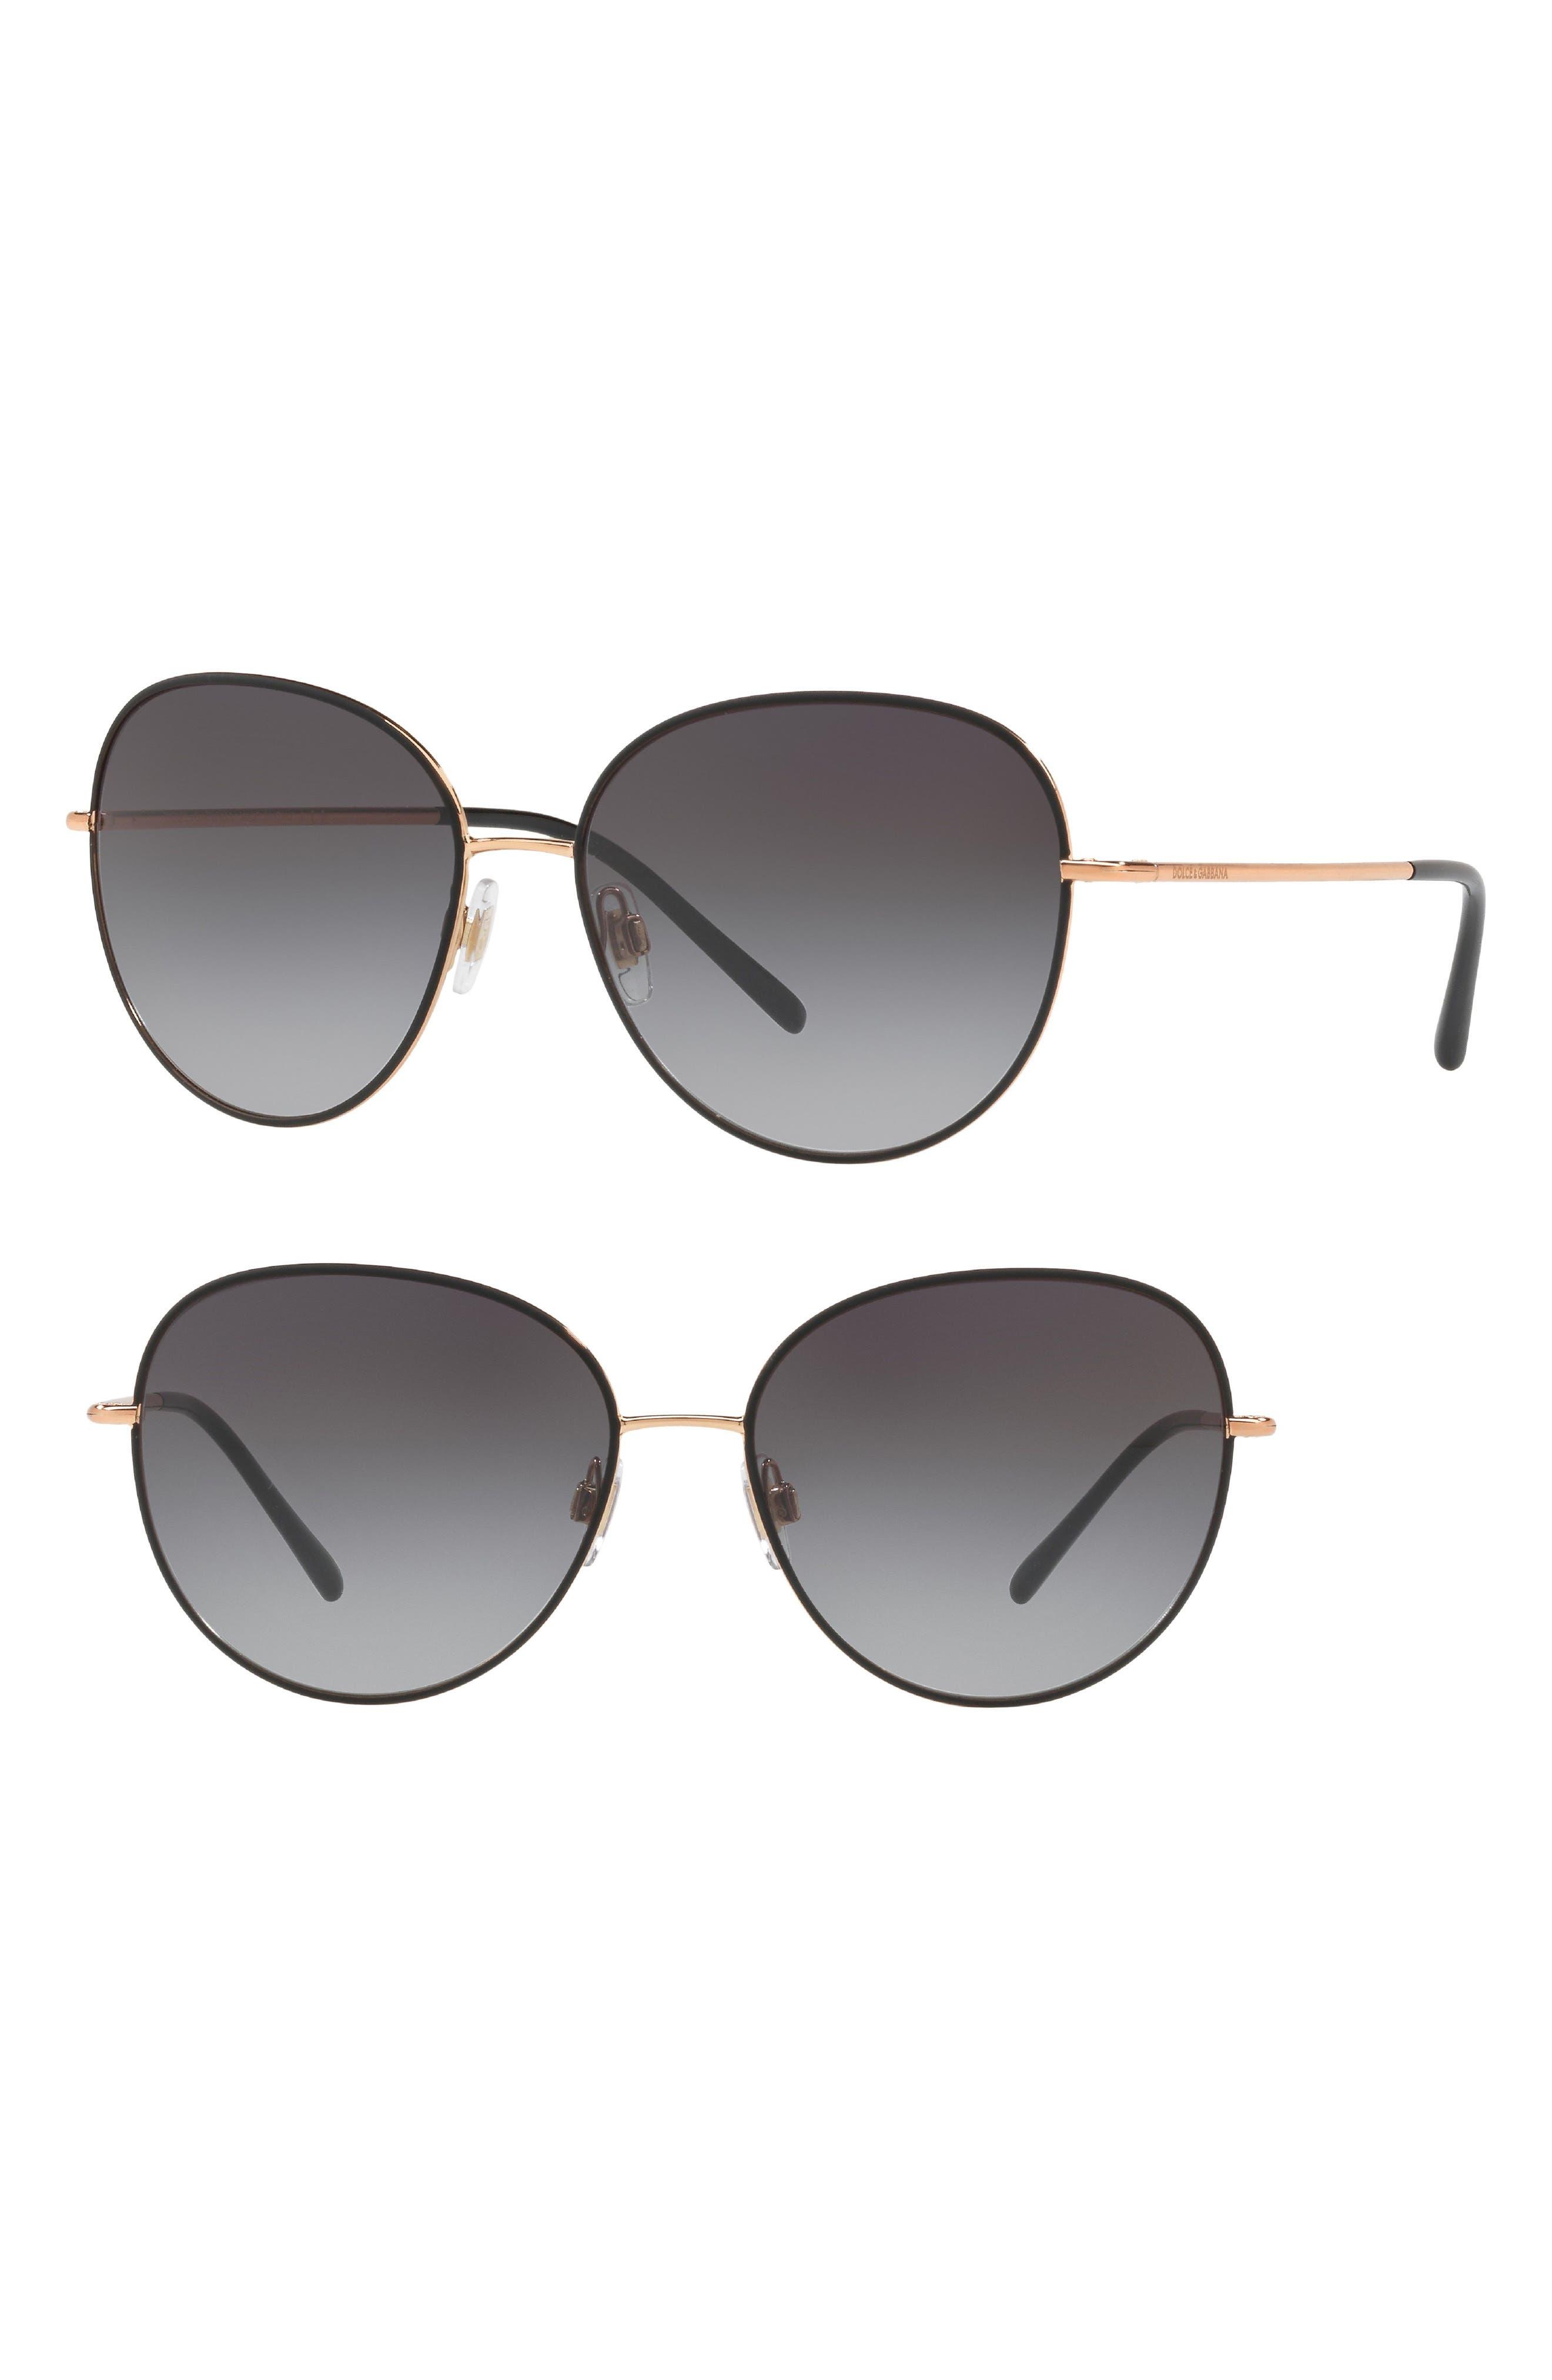 864fc38555d2 Dolce&Gabbana Sunglasses for Women | Nordstrom